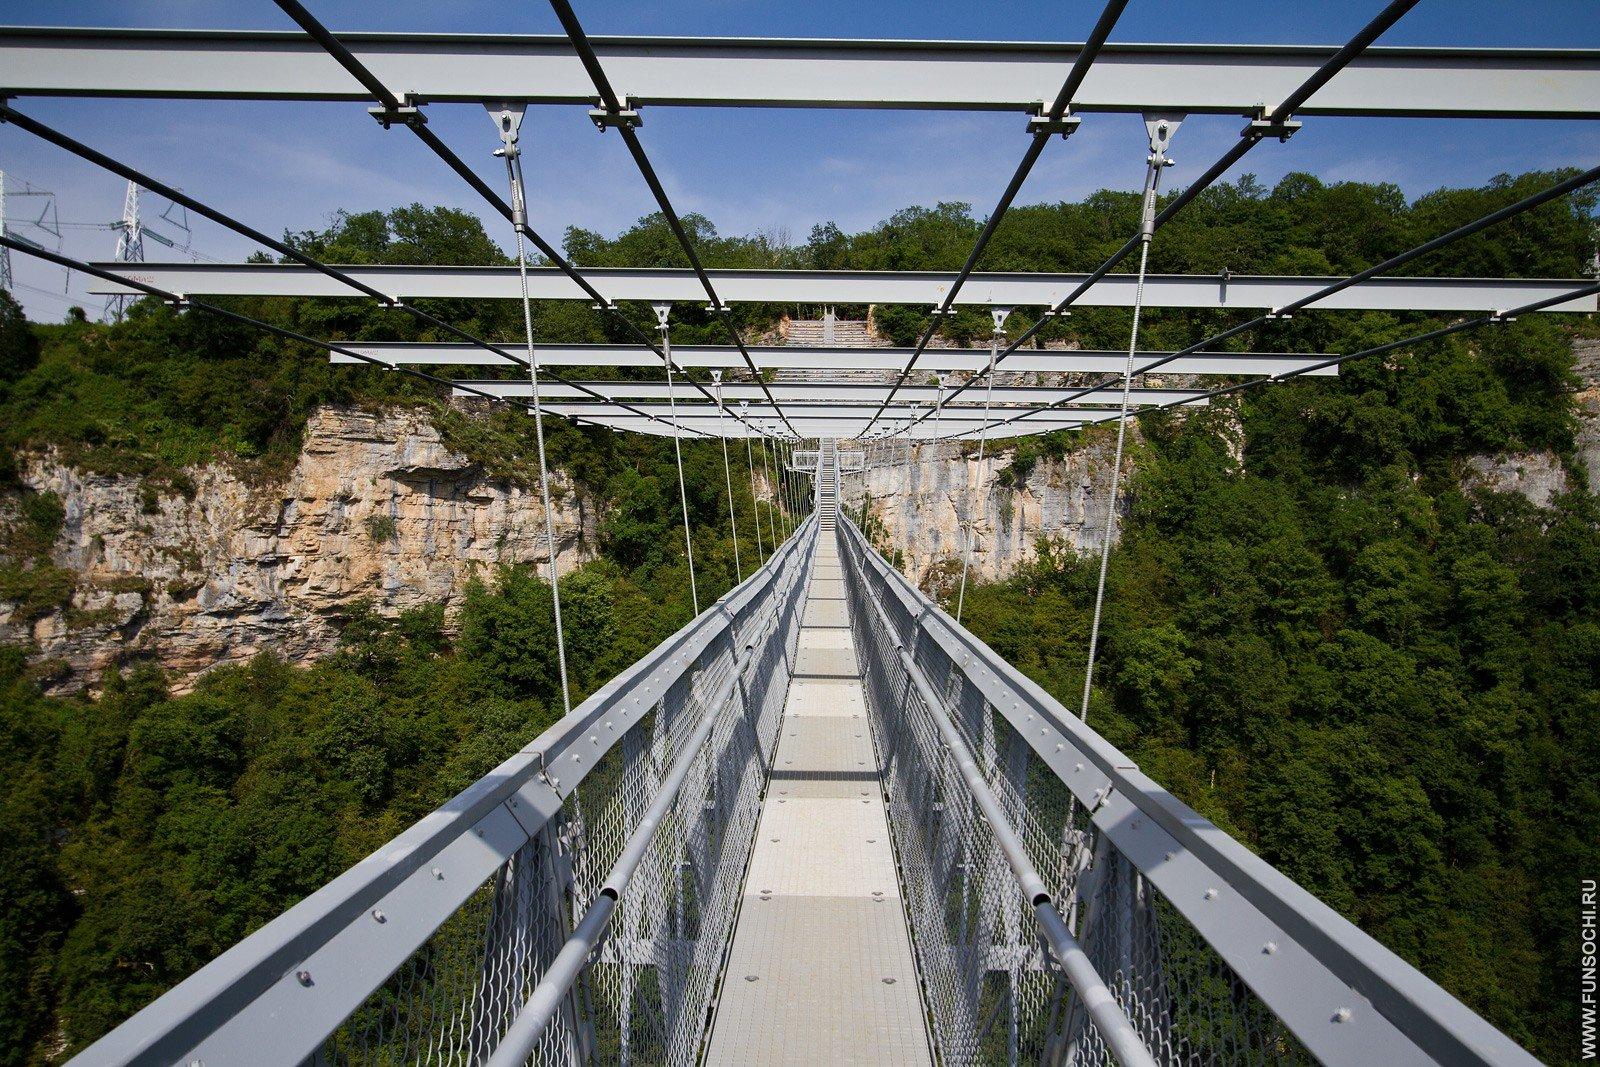 благовещенском районе скайпарк отзывы фото моста последующие